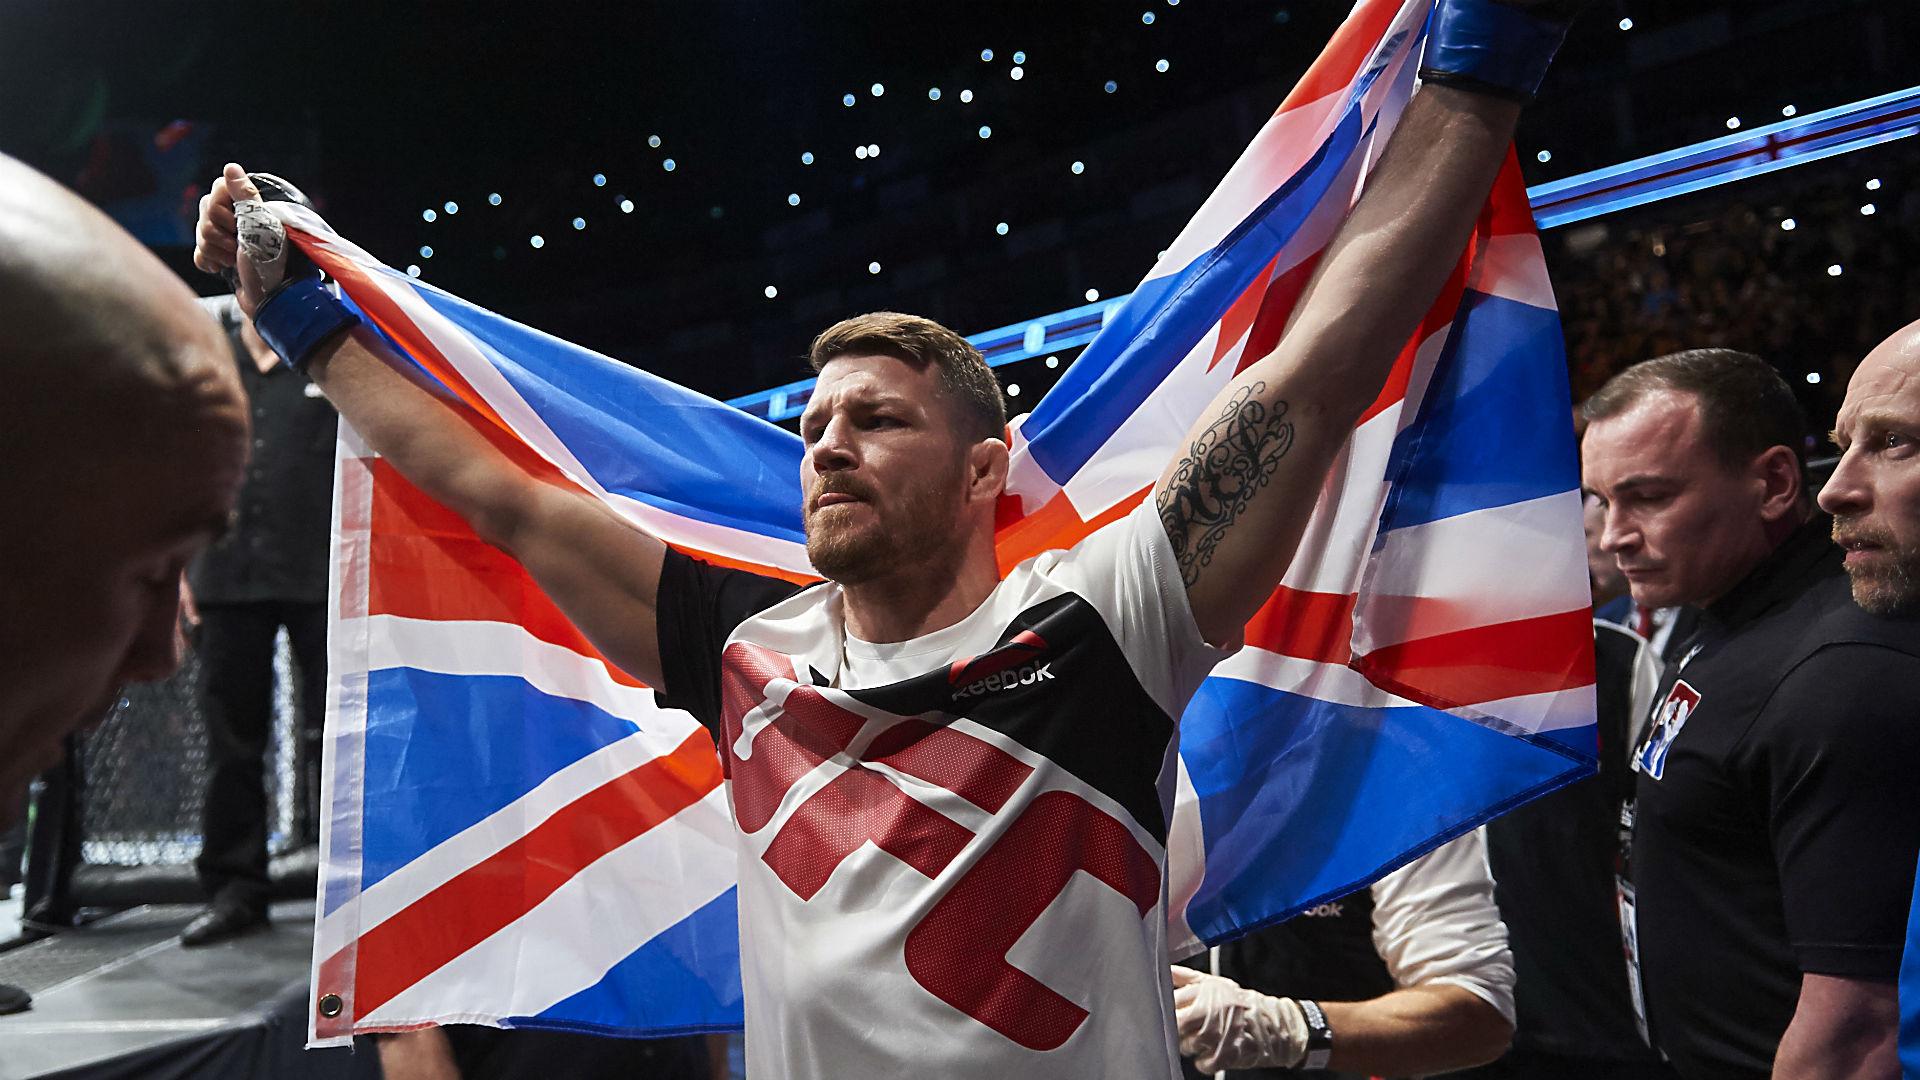 UFC Shanghai: How to watch & live stream Bisping vs. Gastelum